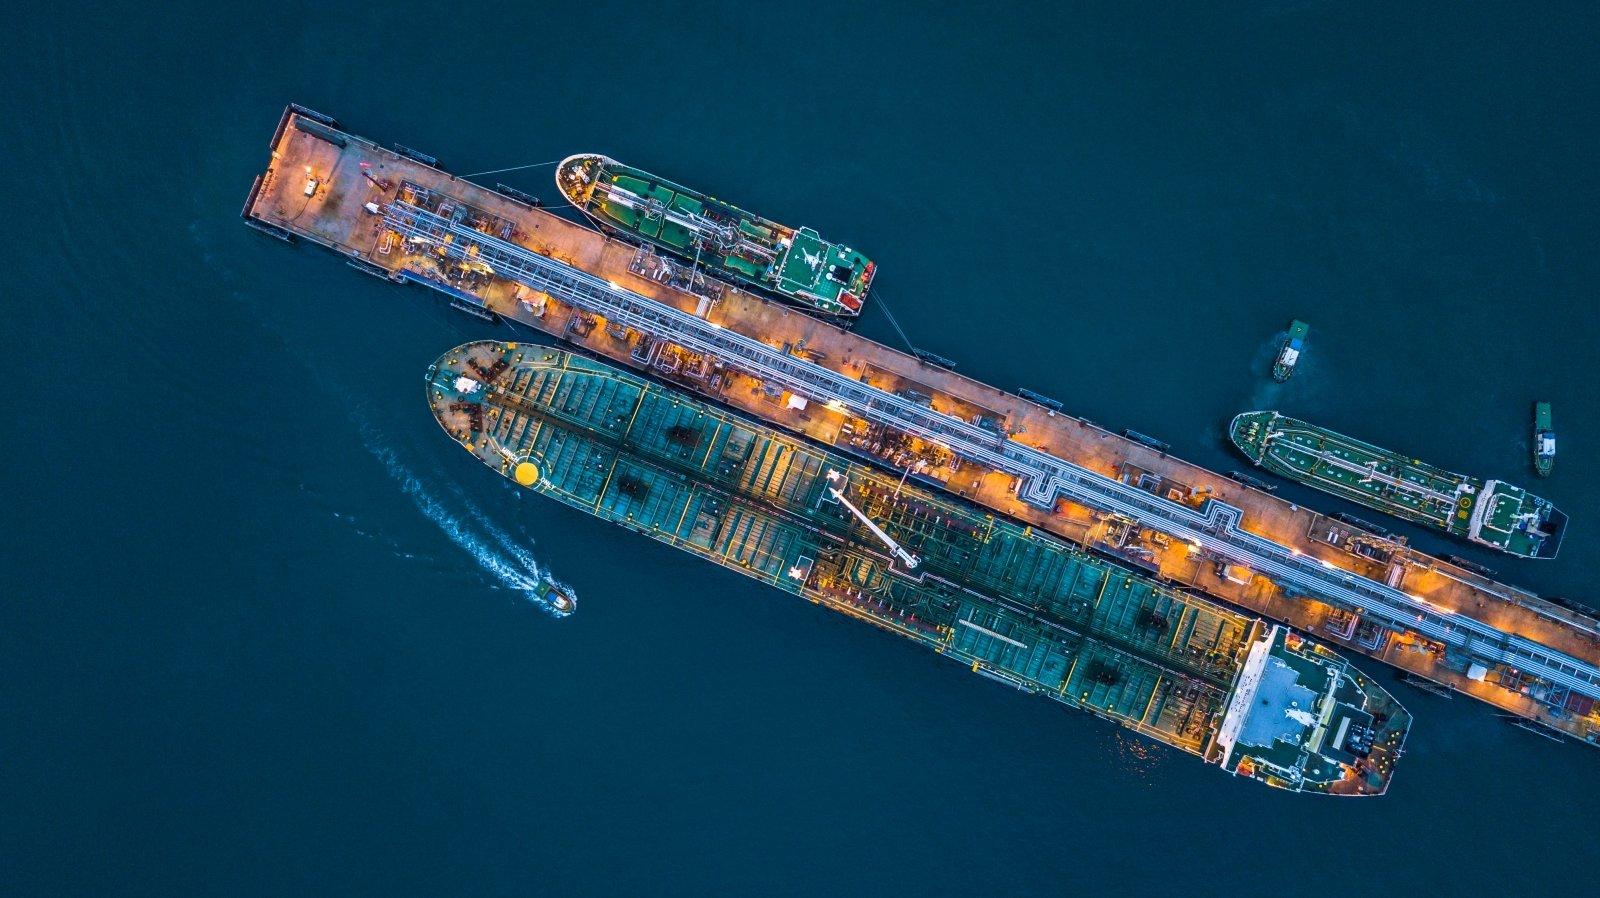 prekybos naftos strategijomis užkariauti v3 prekybos sistemą